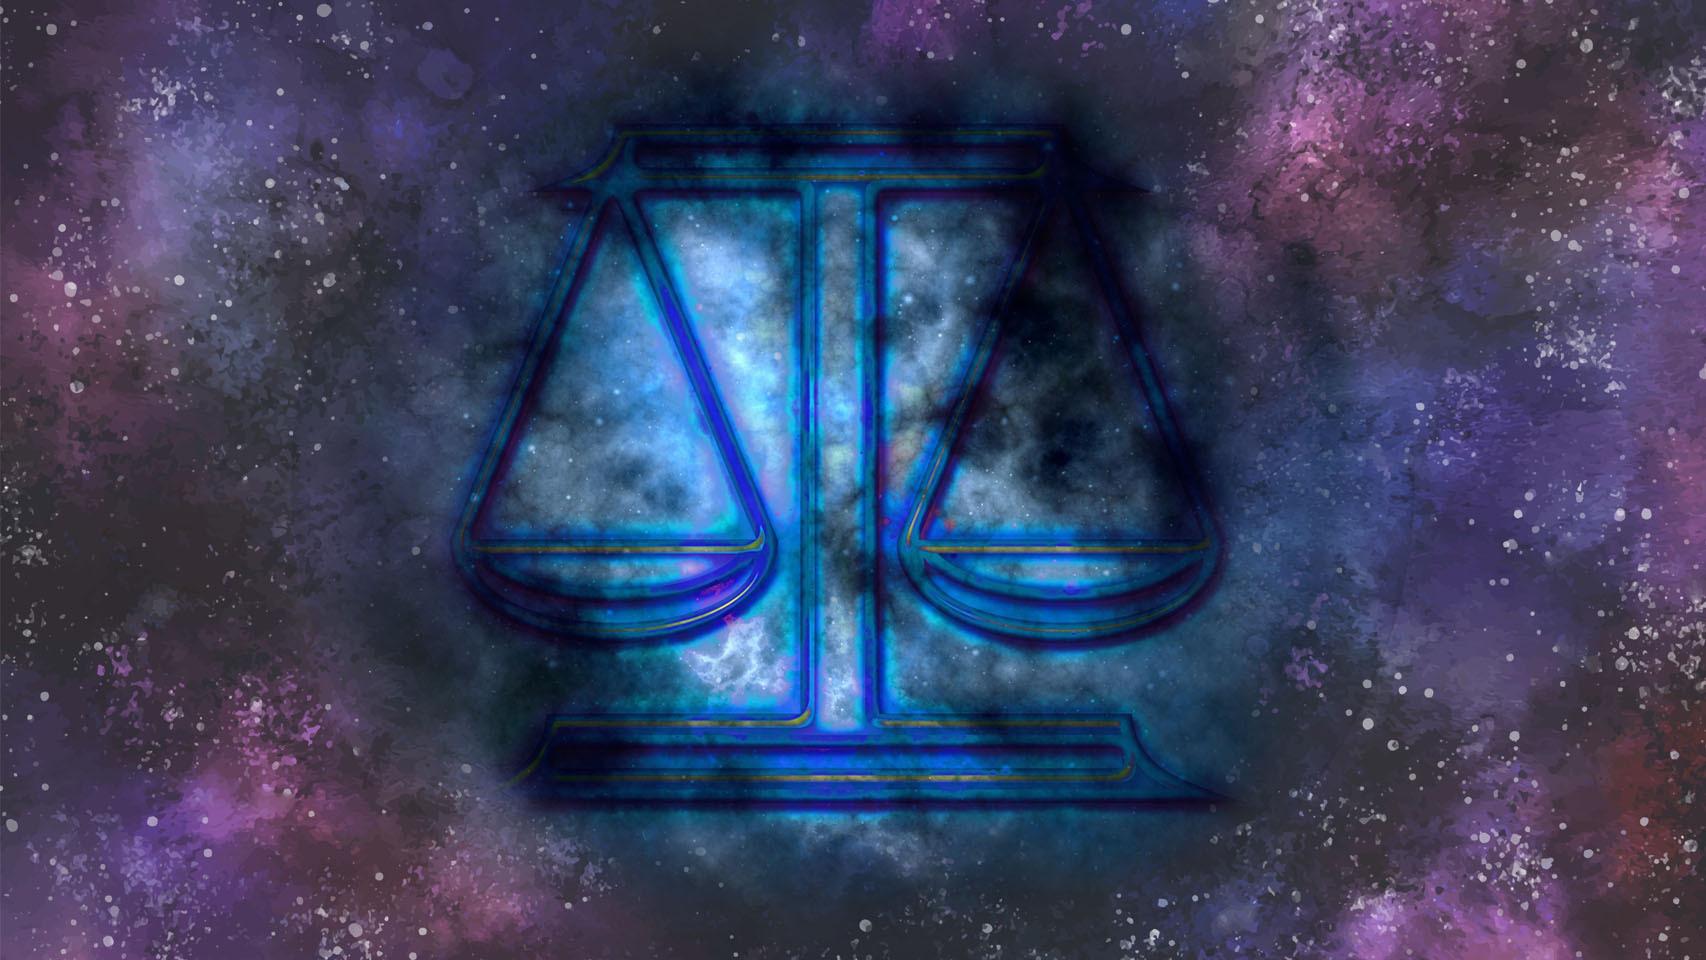 libra-zodiac-sign-compatibility-horoscope